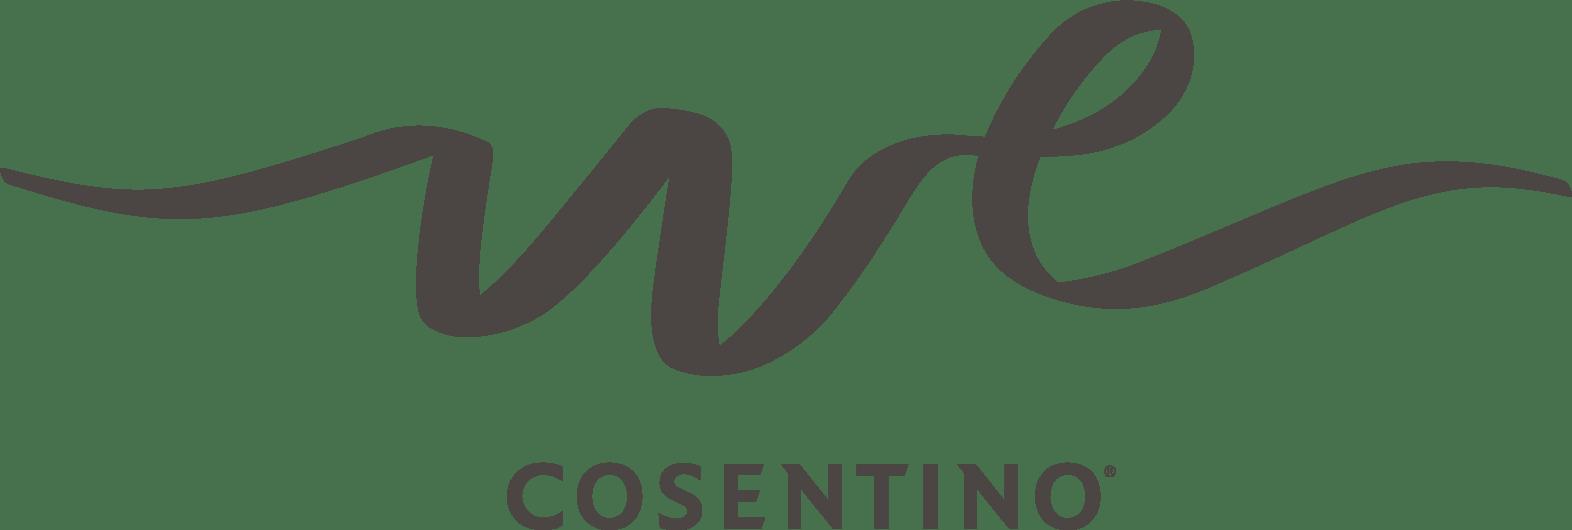 """Image of We Black logo in """"Cosentino We"""", la nueva comunidad global para profesionales - Cosentino"""